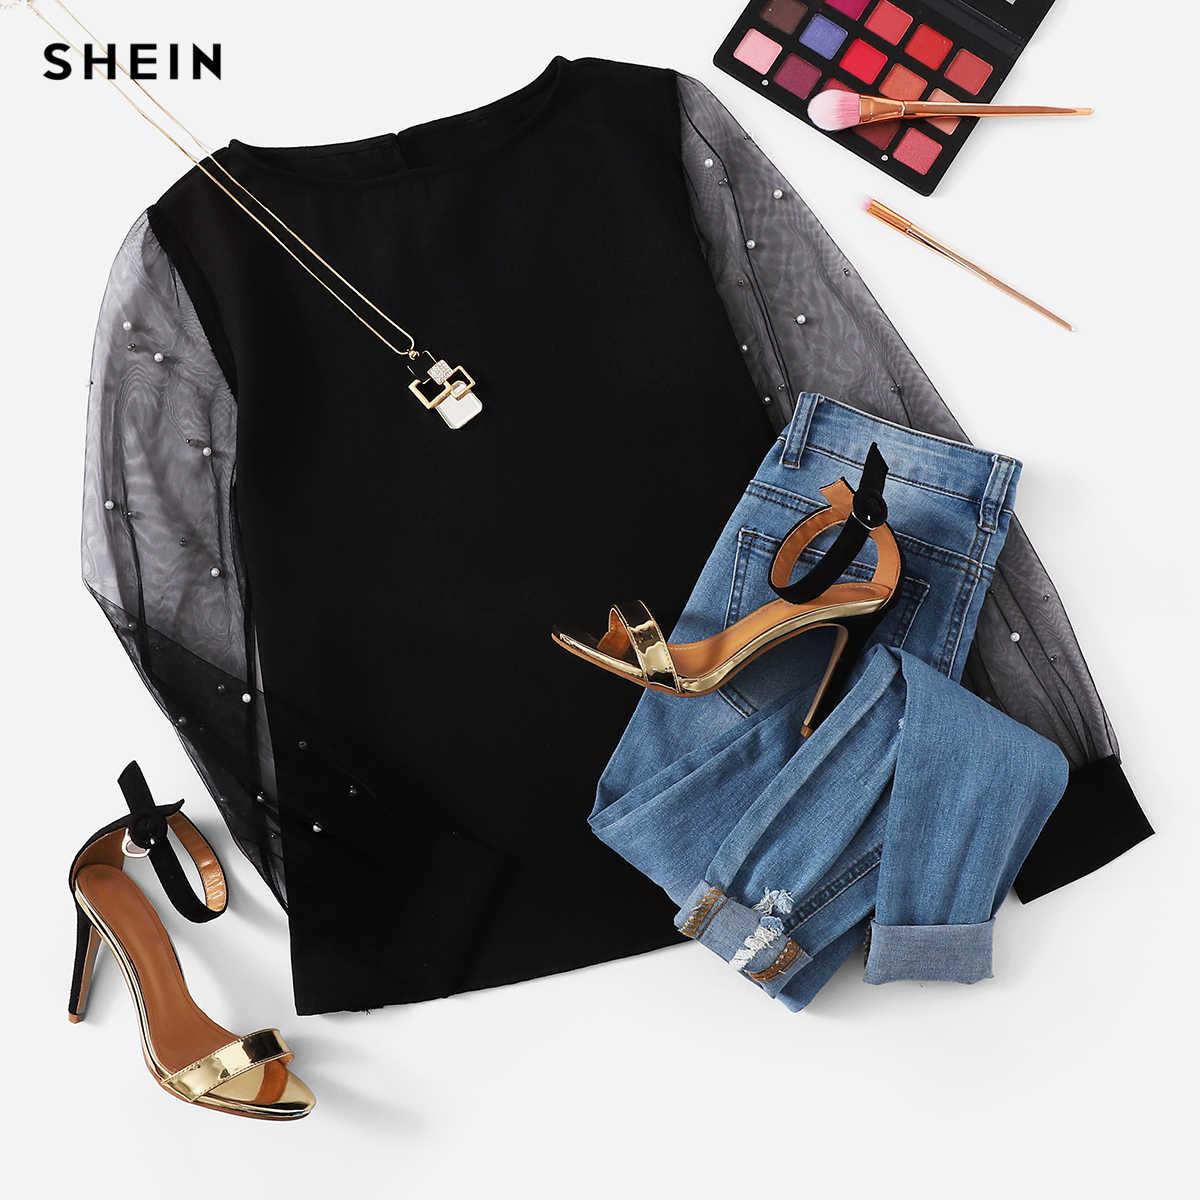 SHEIN Senhora Moderna Preto Pérola Frisado Malha de Manga Comprida Em Torno Do Pescoço Mulheres Top Simples Streetwear Outono Minimalista Elegante Blusa